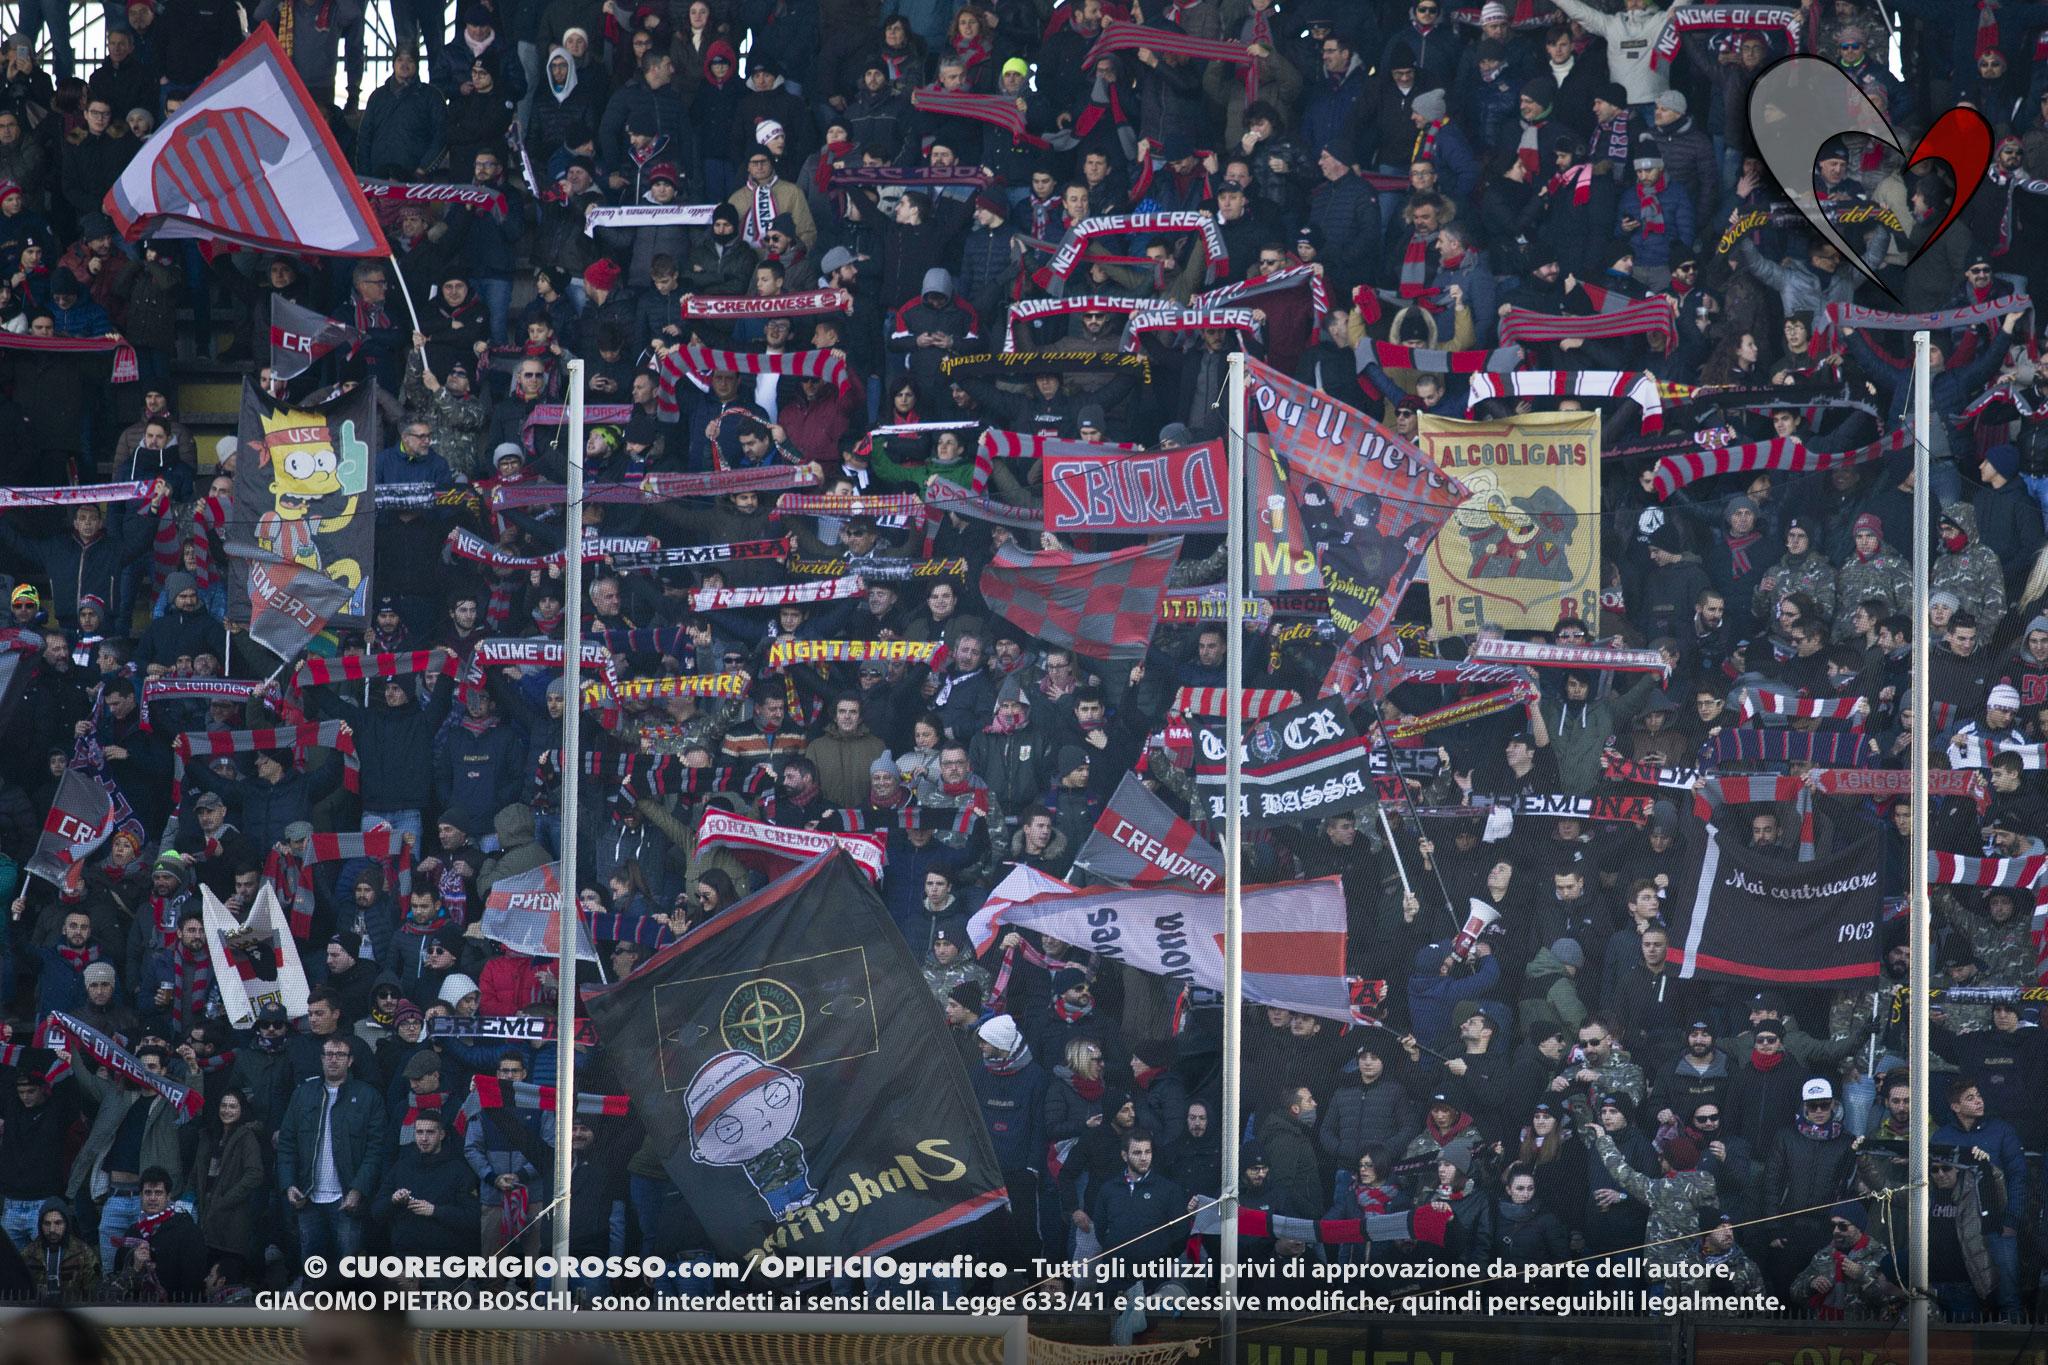 Cremonese-Cittadella, le foto dei tifosi